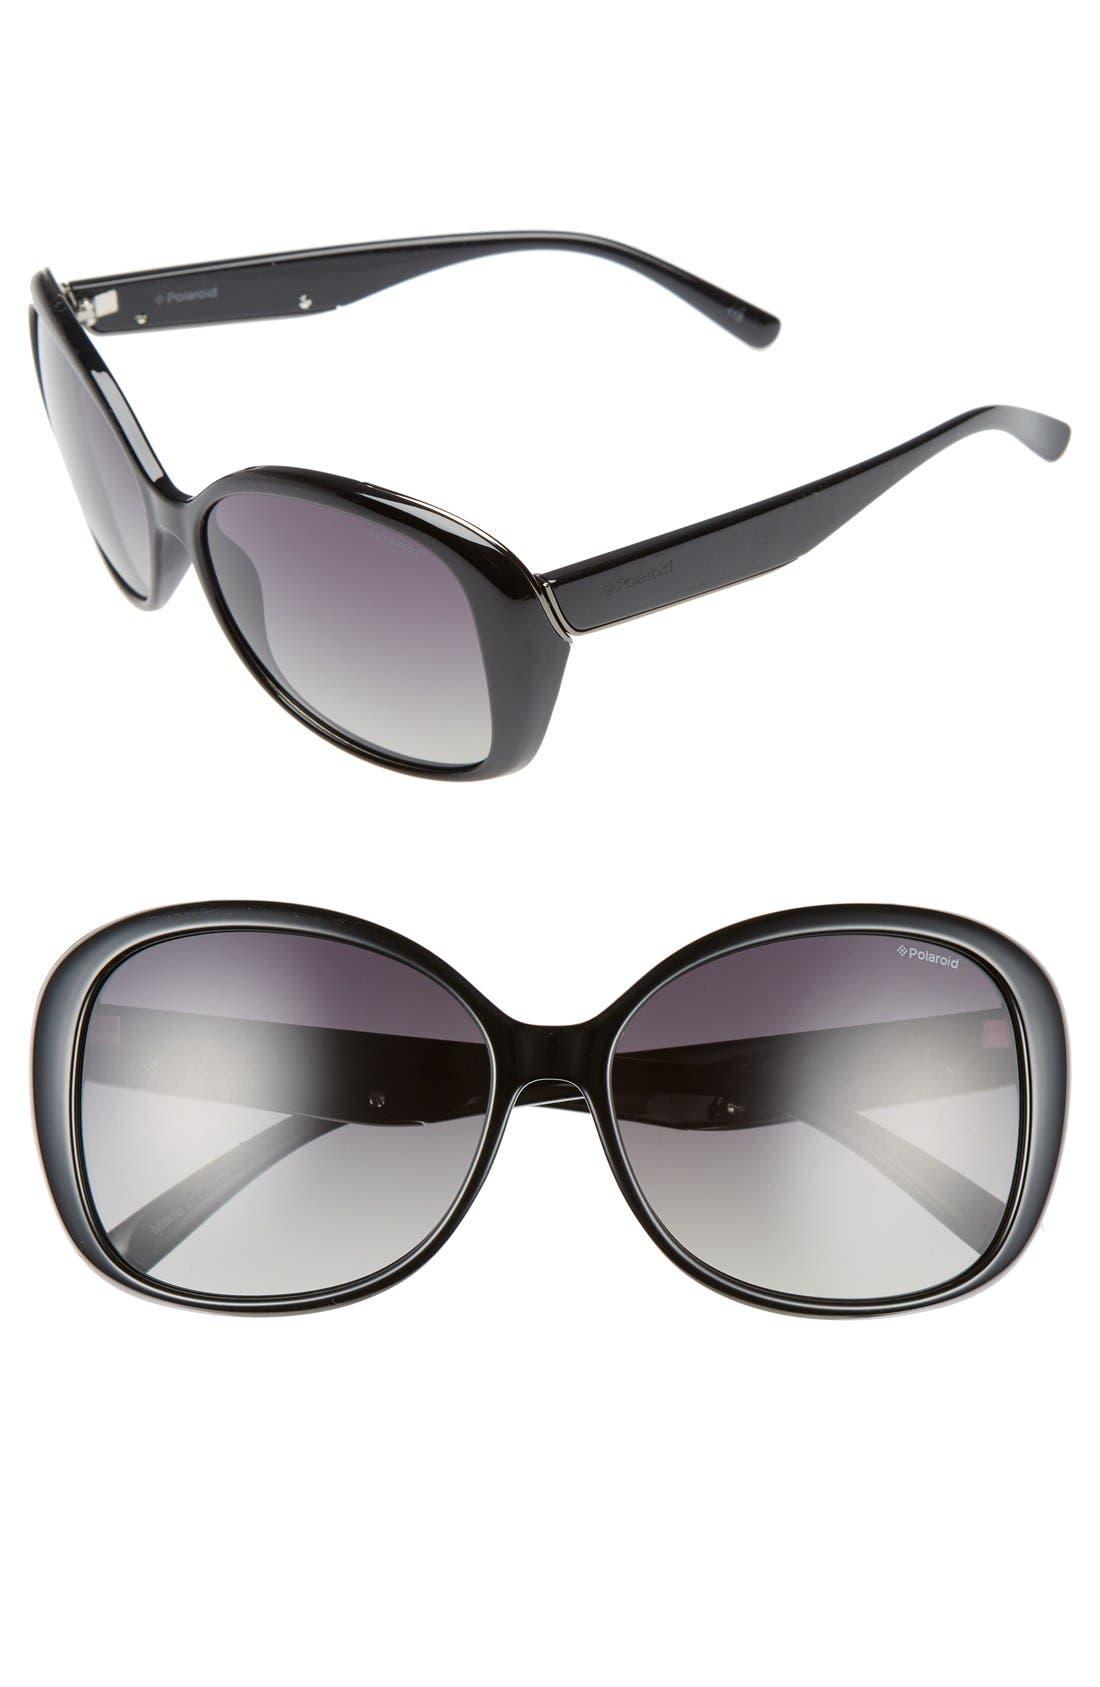 59mm Polarized Sunglasses,                         Main,                         color, Shiny Black/ Green Polarized